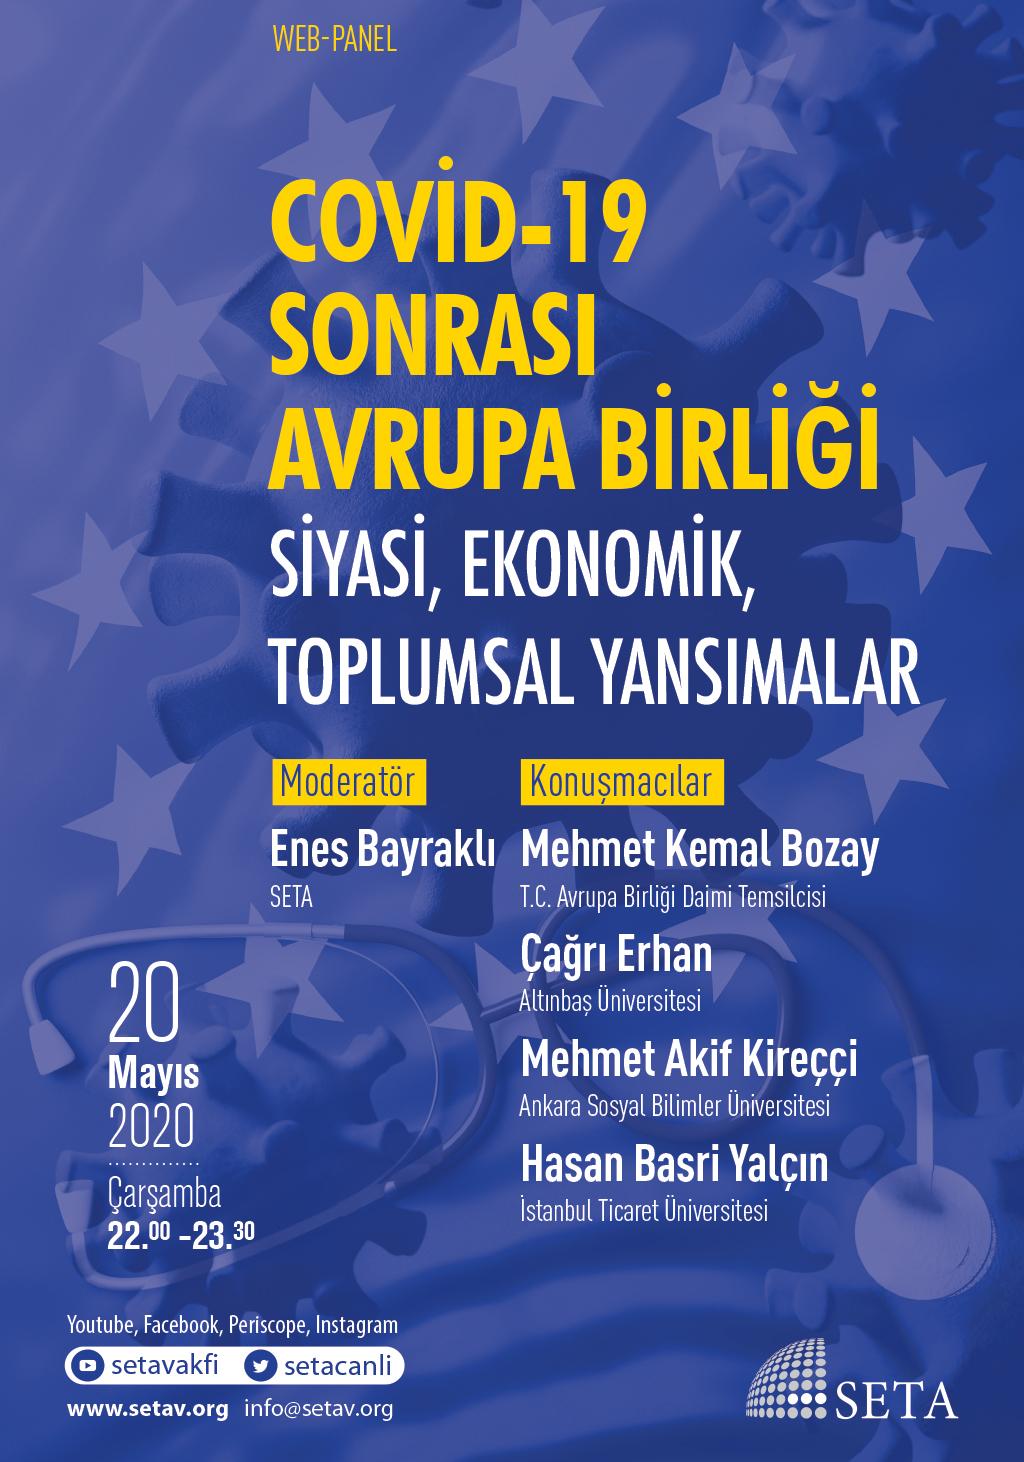 Web Panel: COVID-19 Sonrası Avrupa Birliği   Siyasi, Ekonomik, Toplumsal Yansımalar